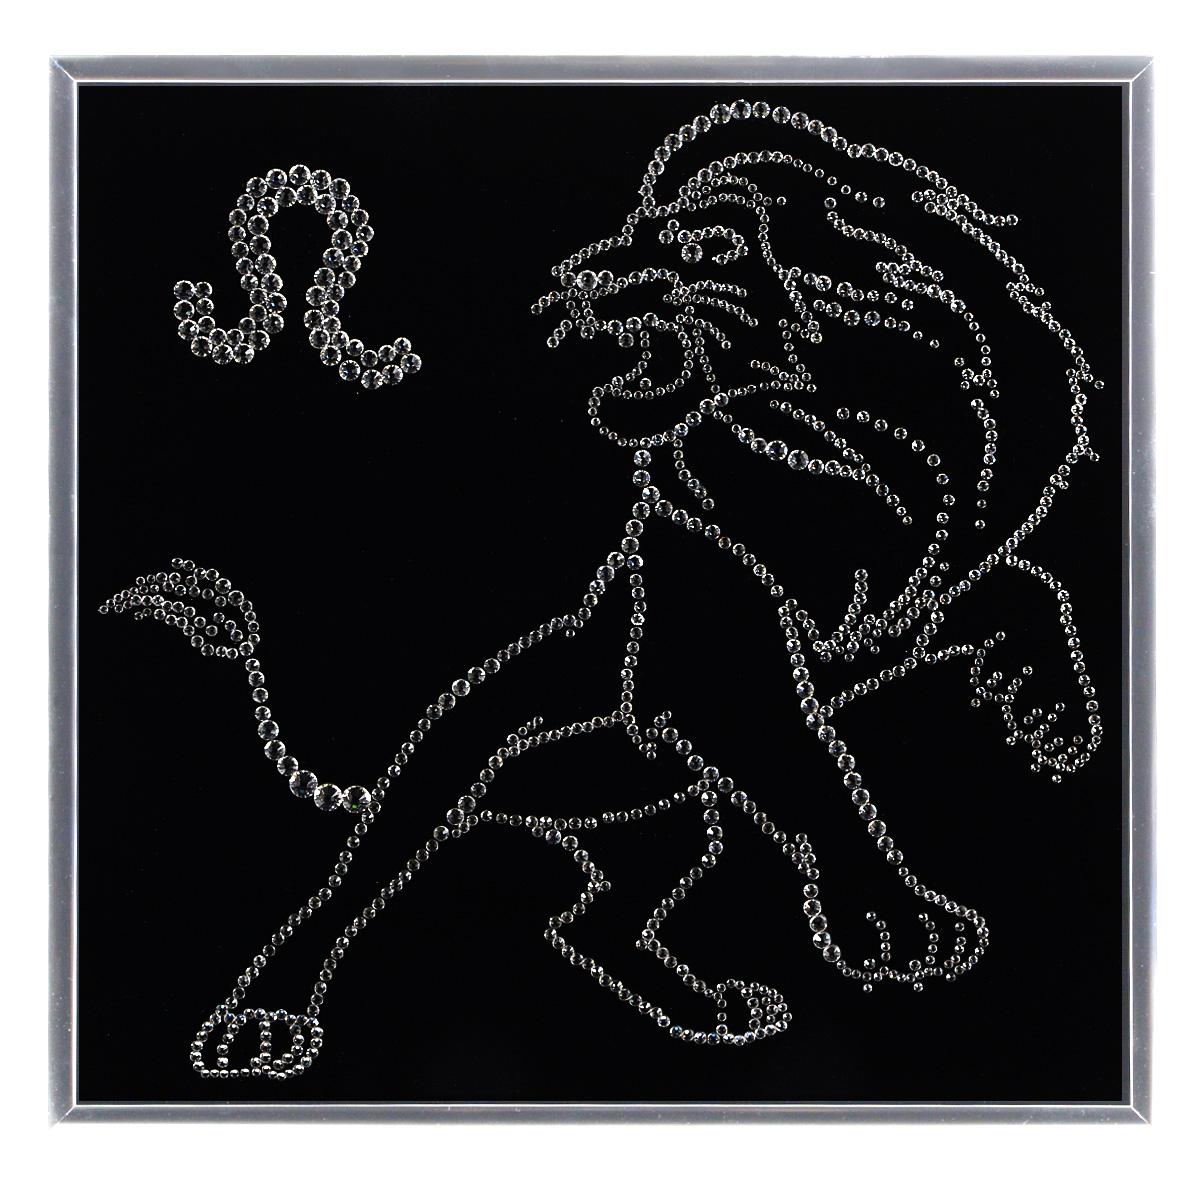 Картина с кристаллами Swarovski Знак зодиака. Лев, 25 х 25 см853066Изящная картина в металлической раме, инкрустирована кристаллами Swarovski в виде созвездия знака зодиака - лев. Кристаллы Swarovski отличаются четкой и ровной огранкой, ярким блеском и чистотой цвета. Под стеклом картина оформлена бархатистой тканью, что прекрасно дополняет блеск кристаллов. С обратной стороны имеется металлическая петелька для размещения картины на стене. Картина с кристаллами Swarovski Знак зодиака. Лев элегантно украсит интерьер дома или офиса, а также станет прекрасным подарком, который обязательно понравится получателю. Блеск кристаллов в интерьере, что может быть сказочнее и удивительнее. Картина упакована в подарочную картонную коробку синего цвета и комплектуется сертификатом соответствия Swarovski.